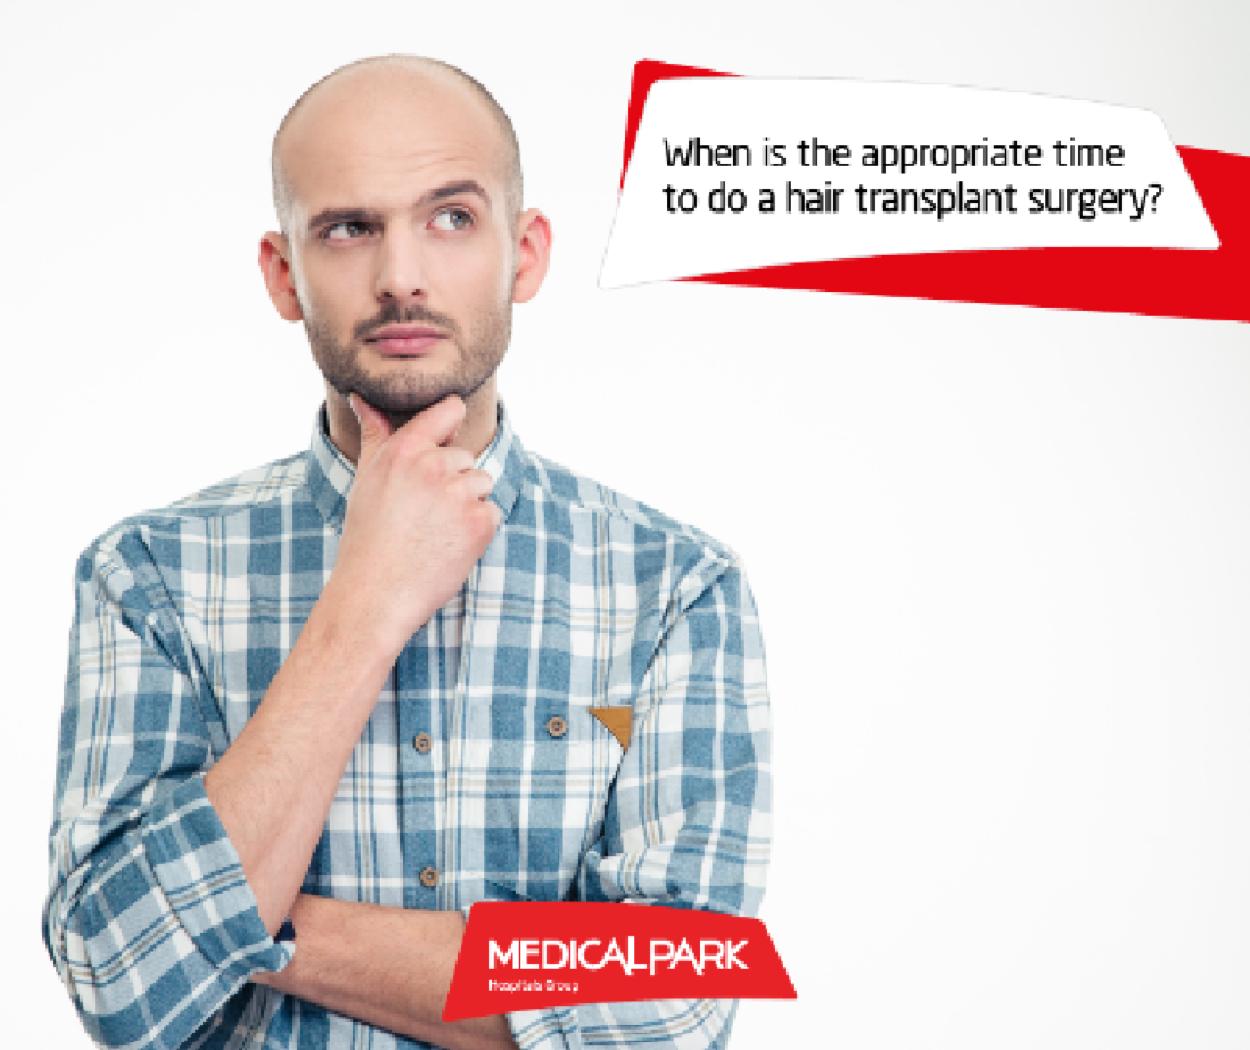 Когда следует делать операцию по пересадке волос?